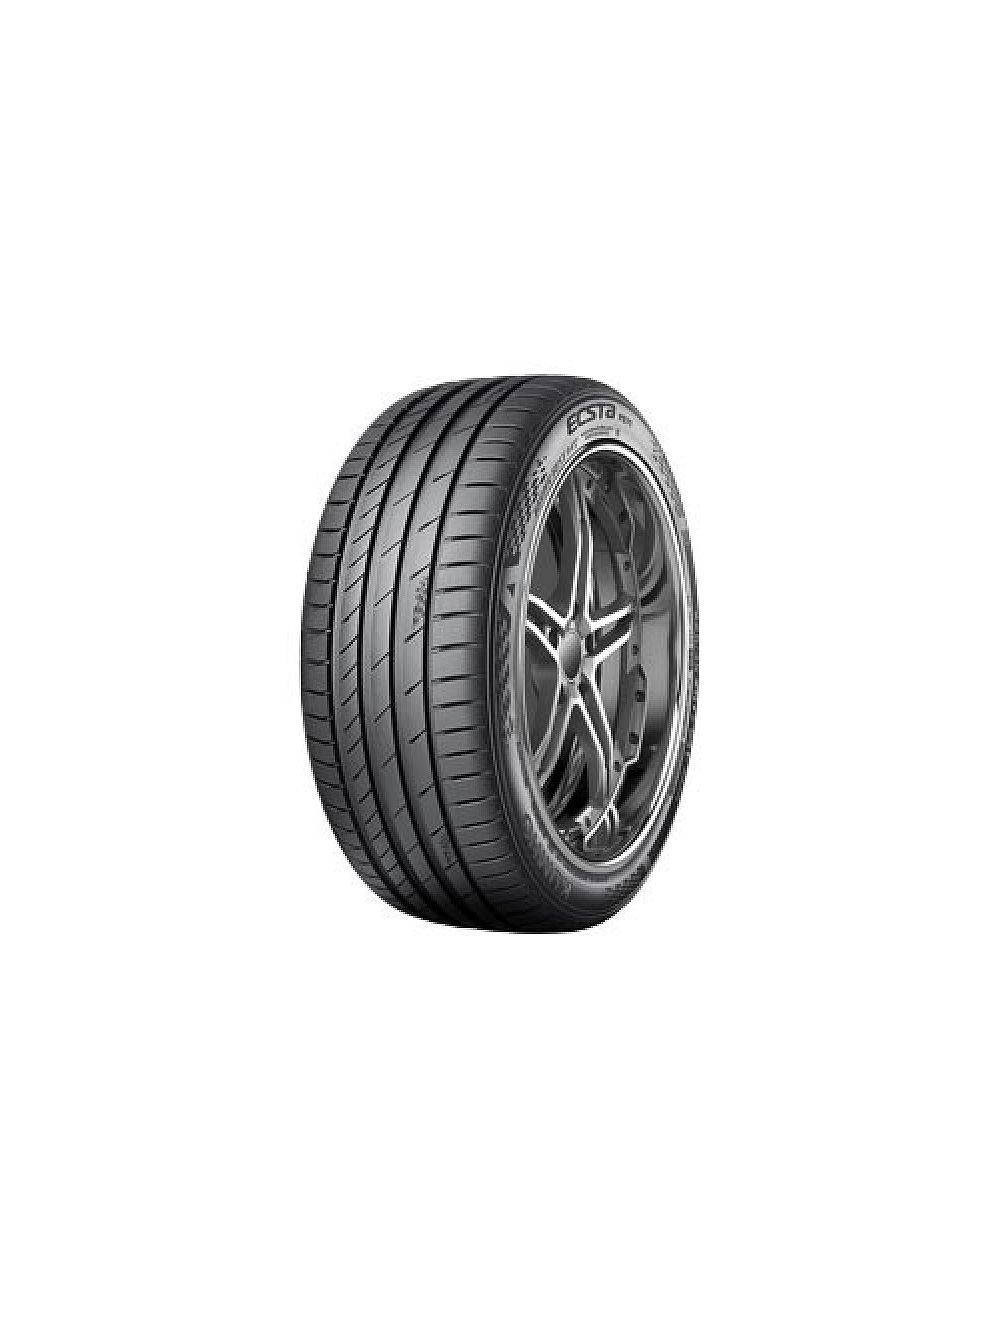 Kumho 245/30R19 Y PS71 Ecsta XL Nyári gumi